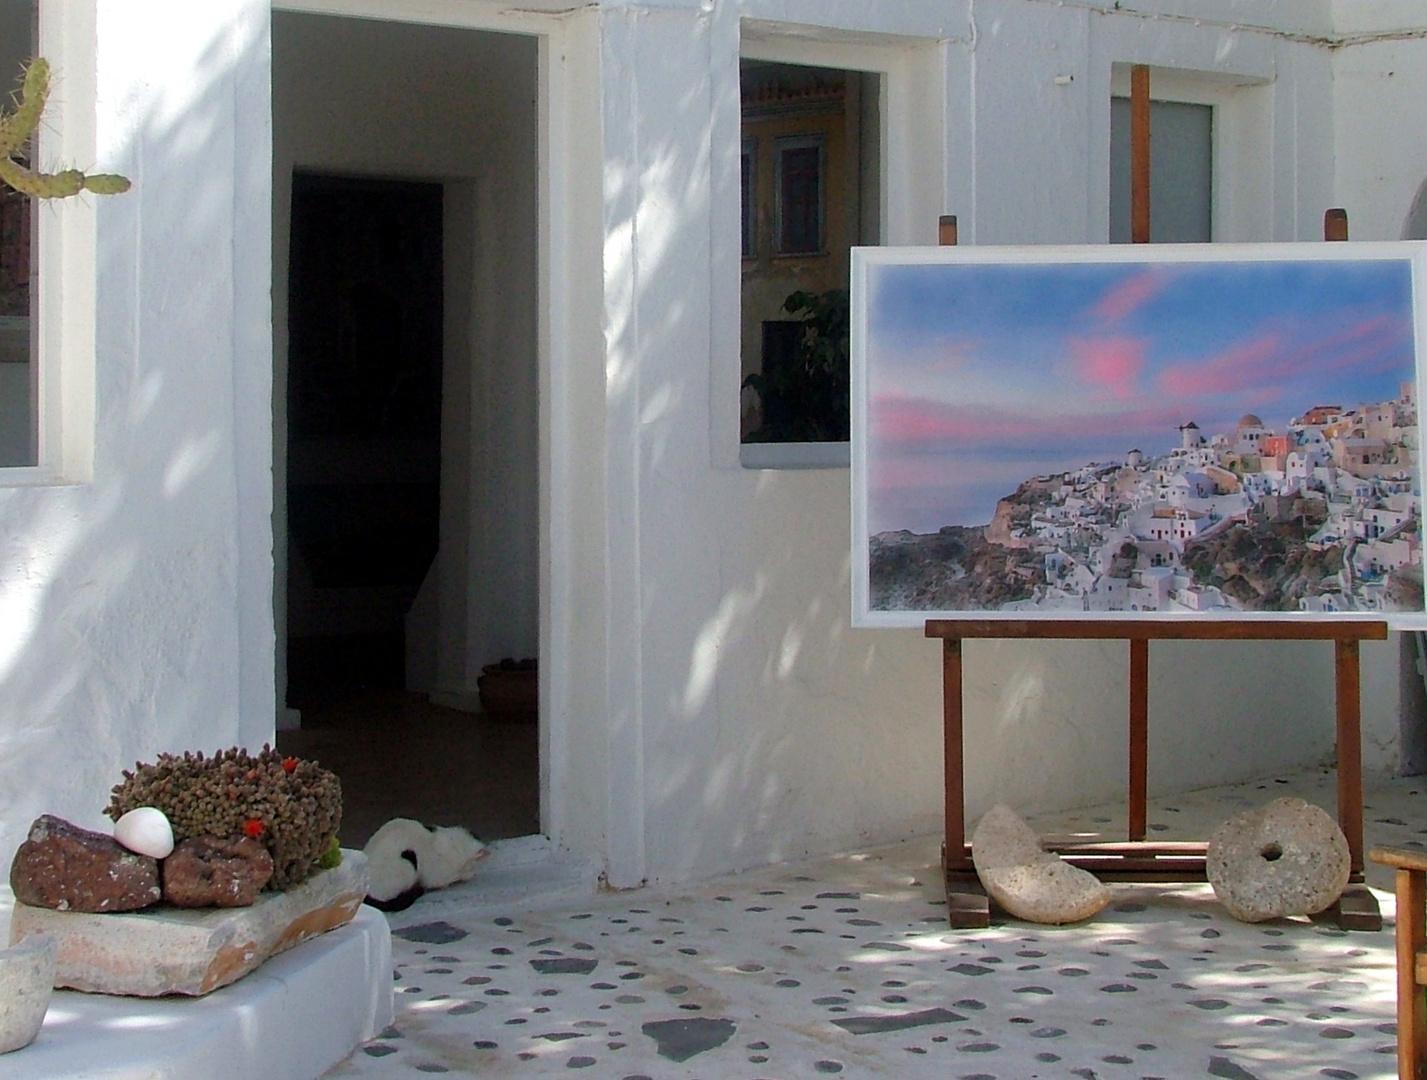 Ein schönes Gemälde von der Insel